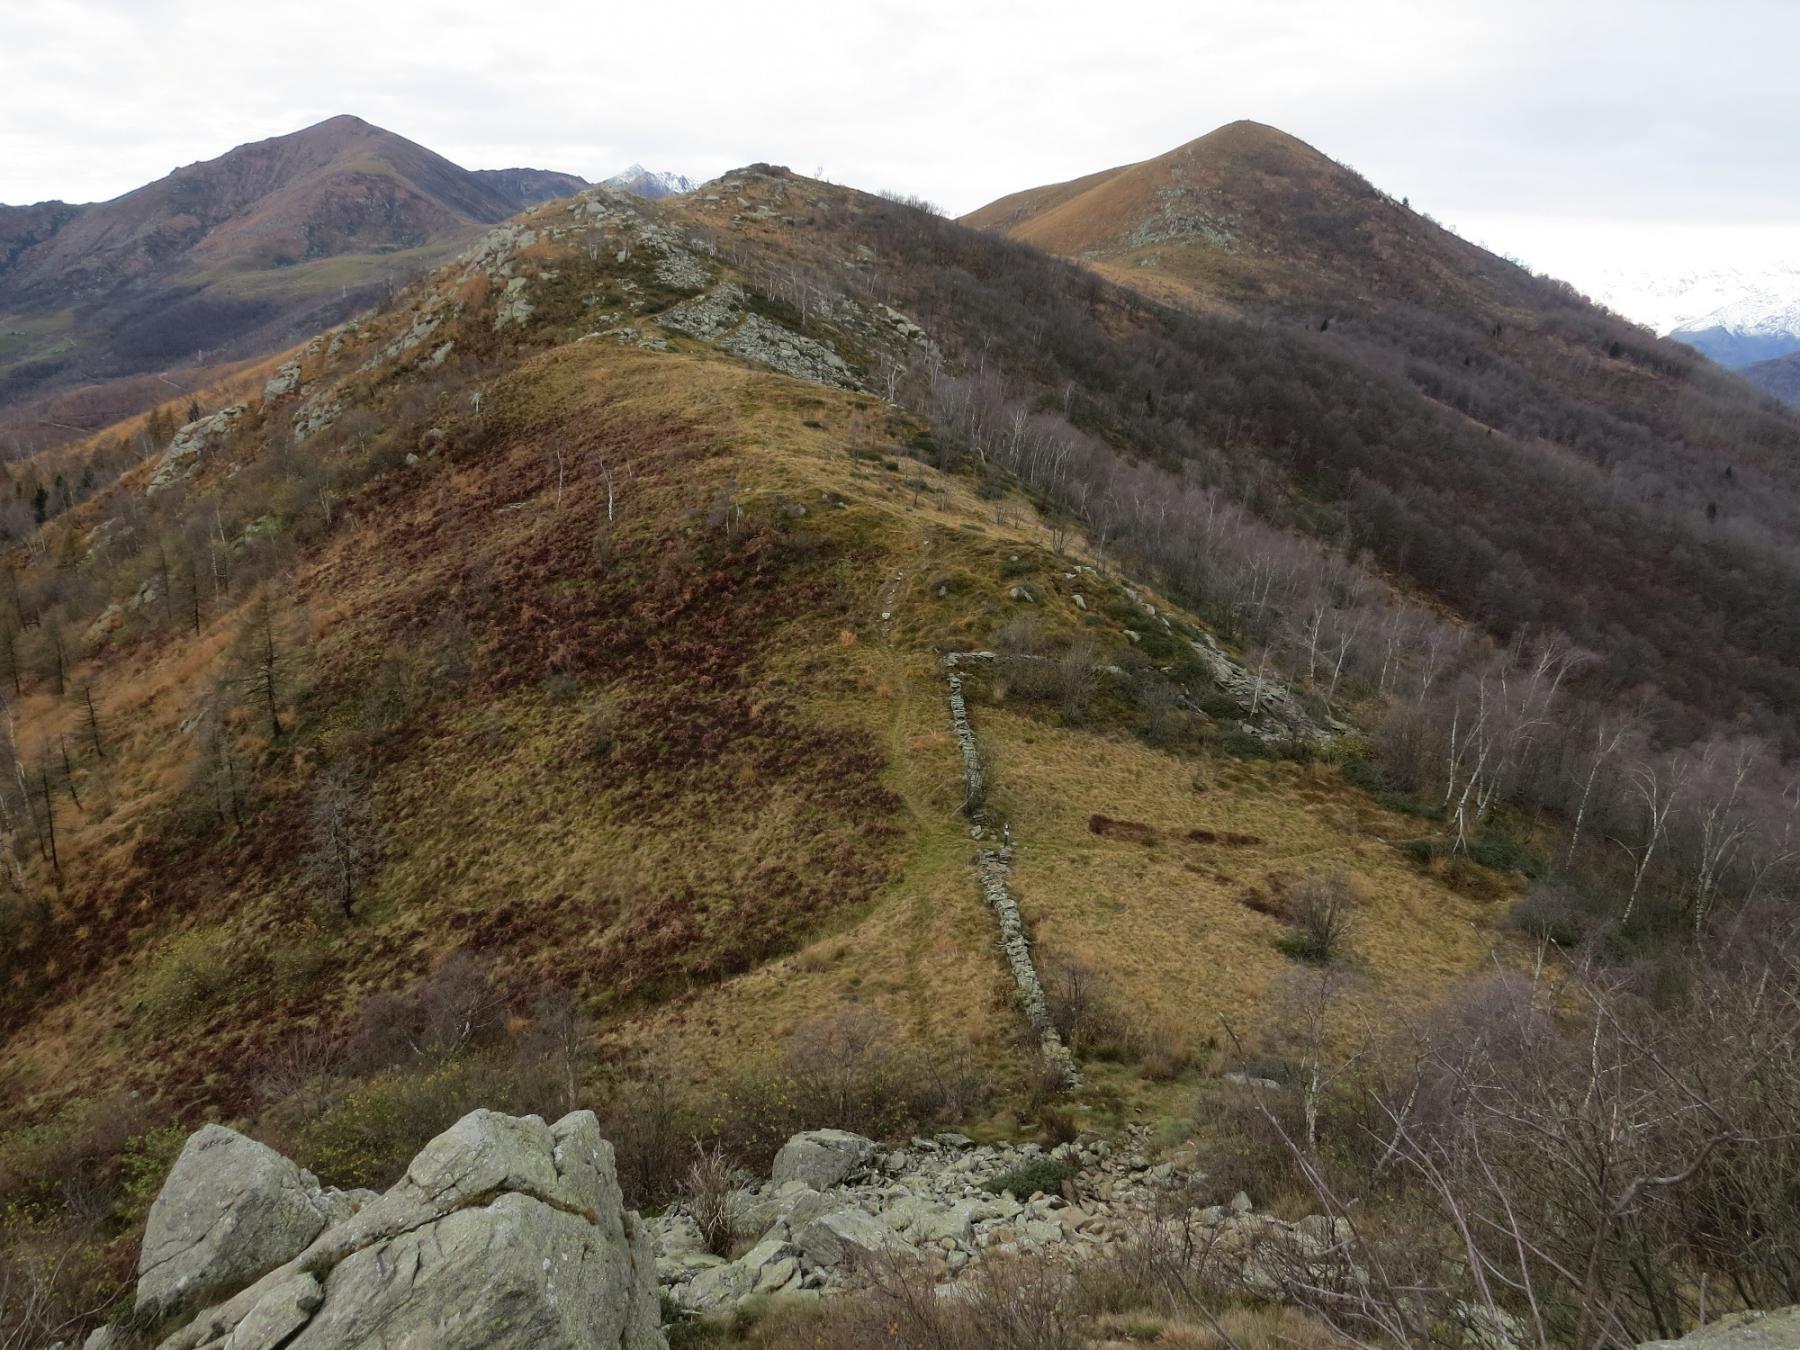 Monte Soglio e Cima Mares, visti dalle Rocche di San Martino